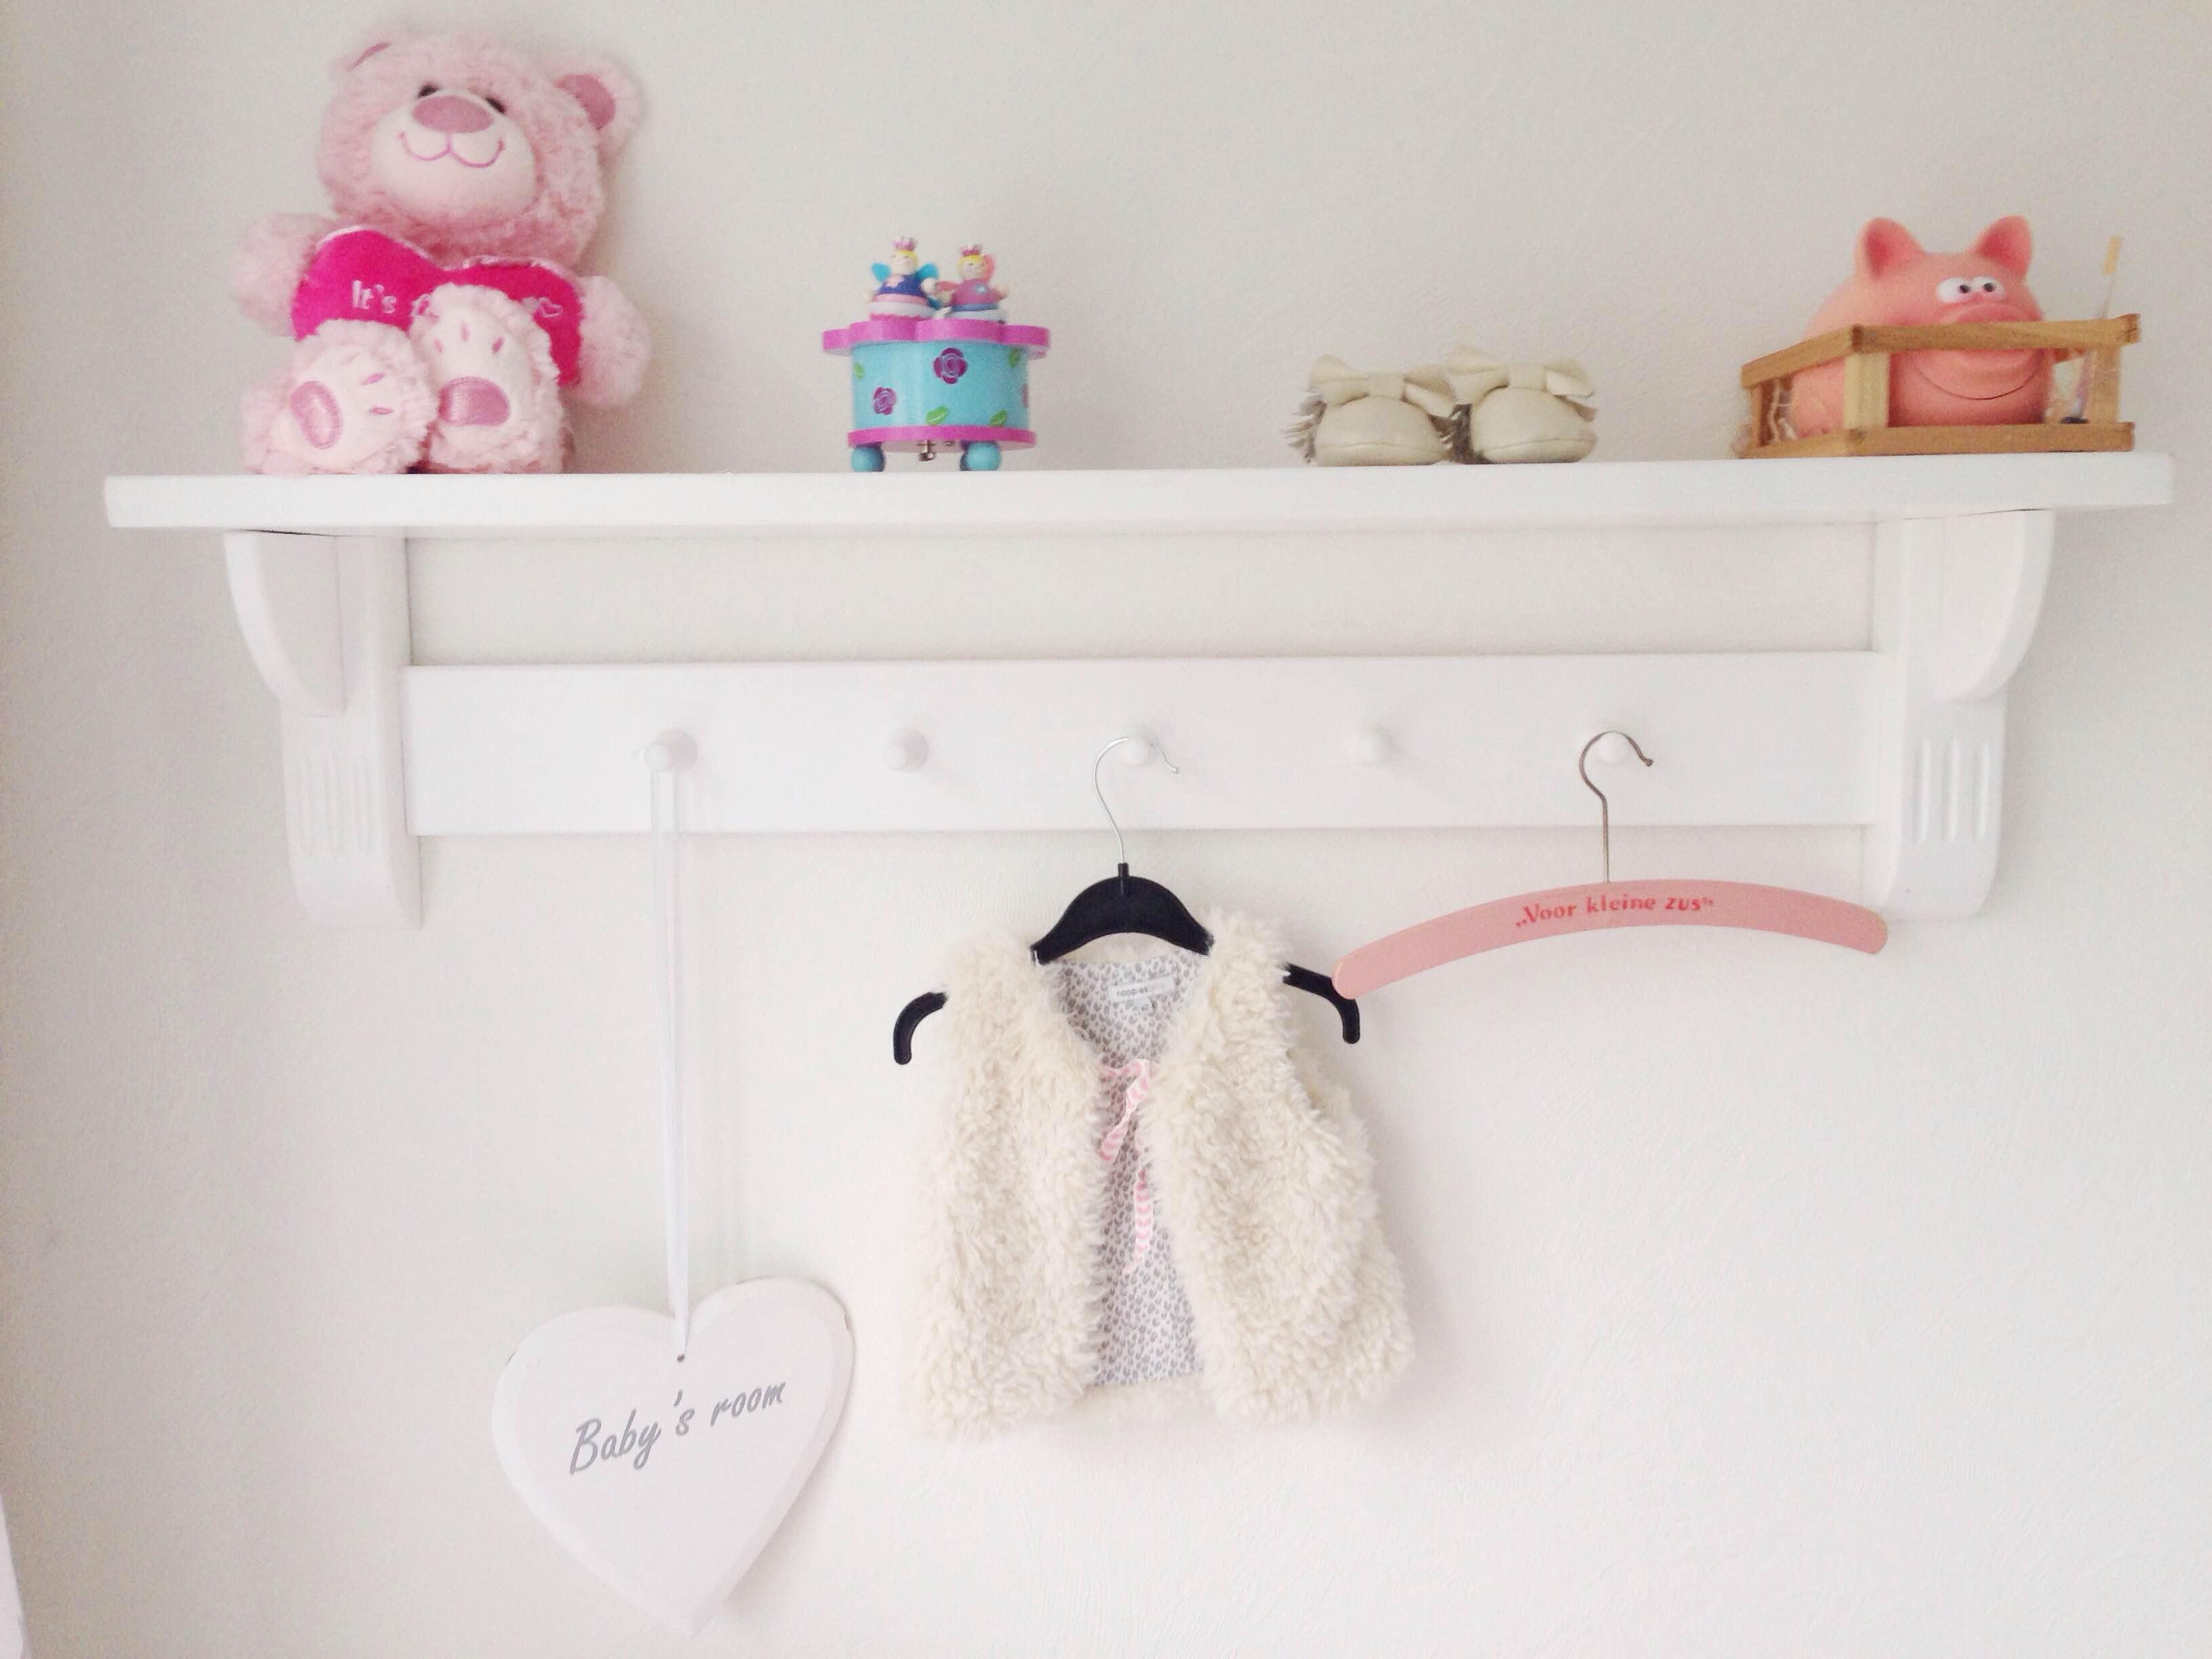 Schommelstoel Babykamer Marktplaats : Binnenkijken bij babykamer tips en inspiratie babylabel